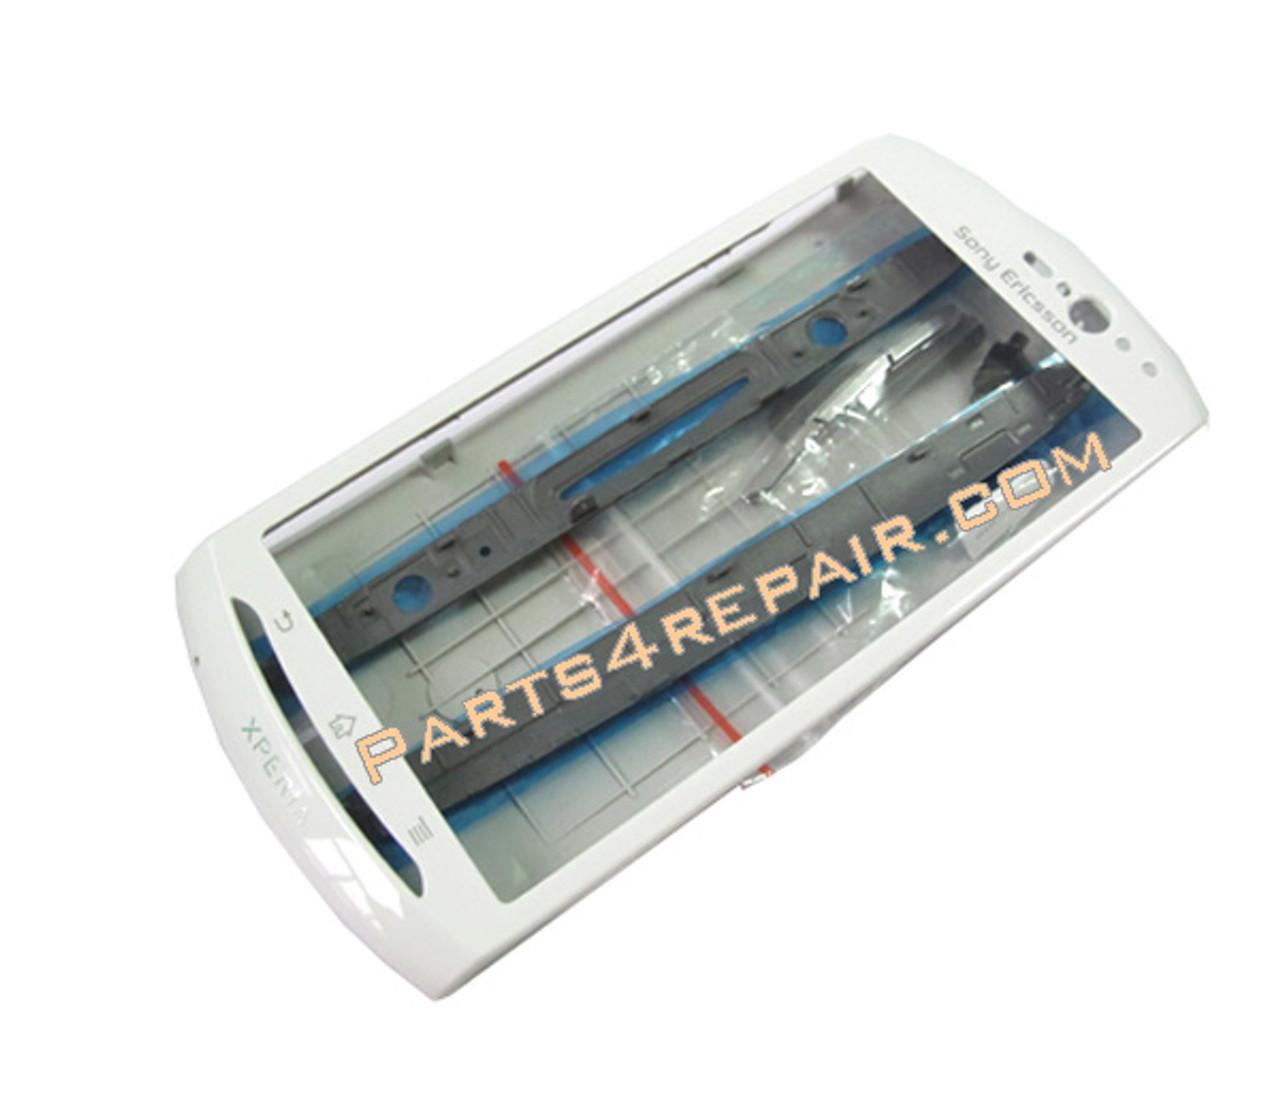 Full Housing Cover for Sony Ericsson Xperia Neo V -White ...  Full Housing Co...